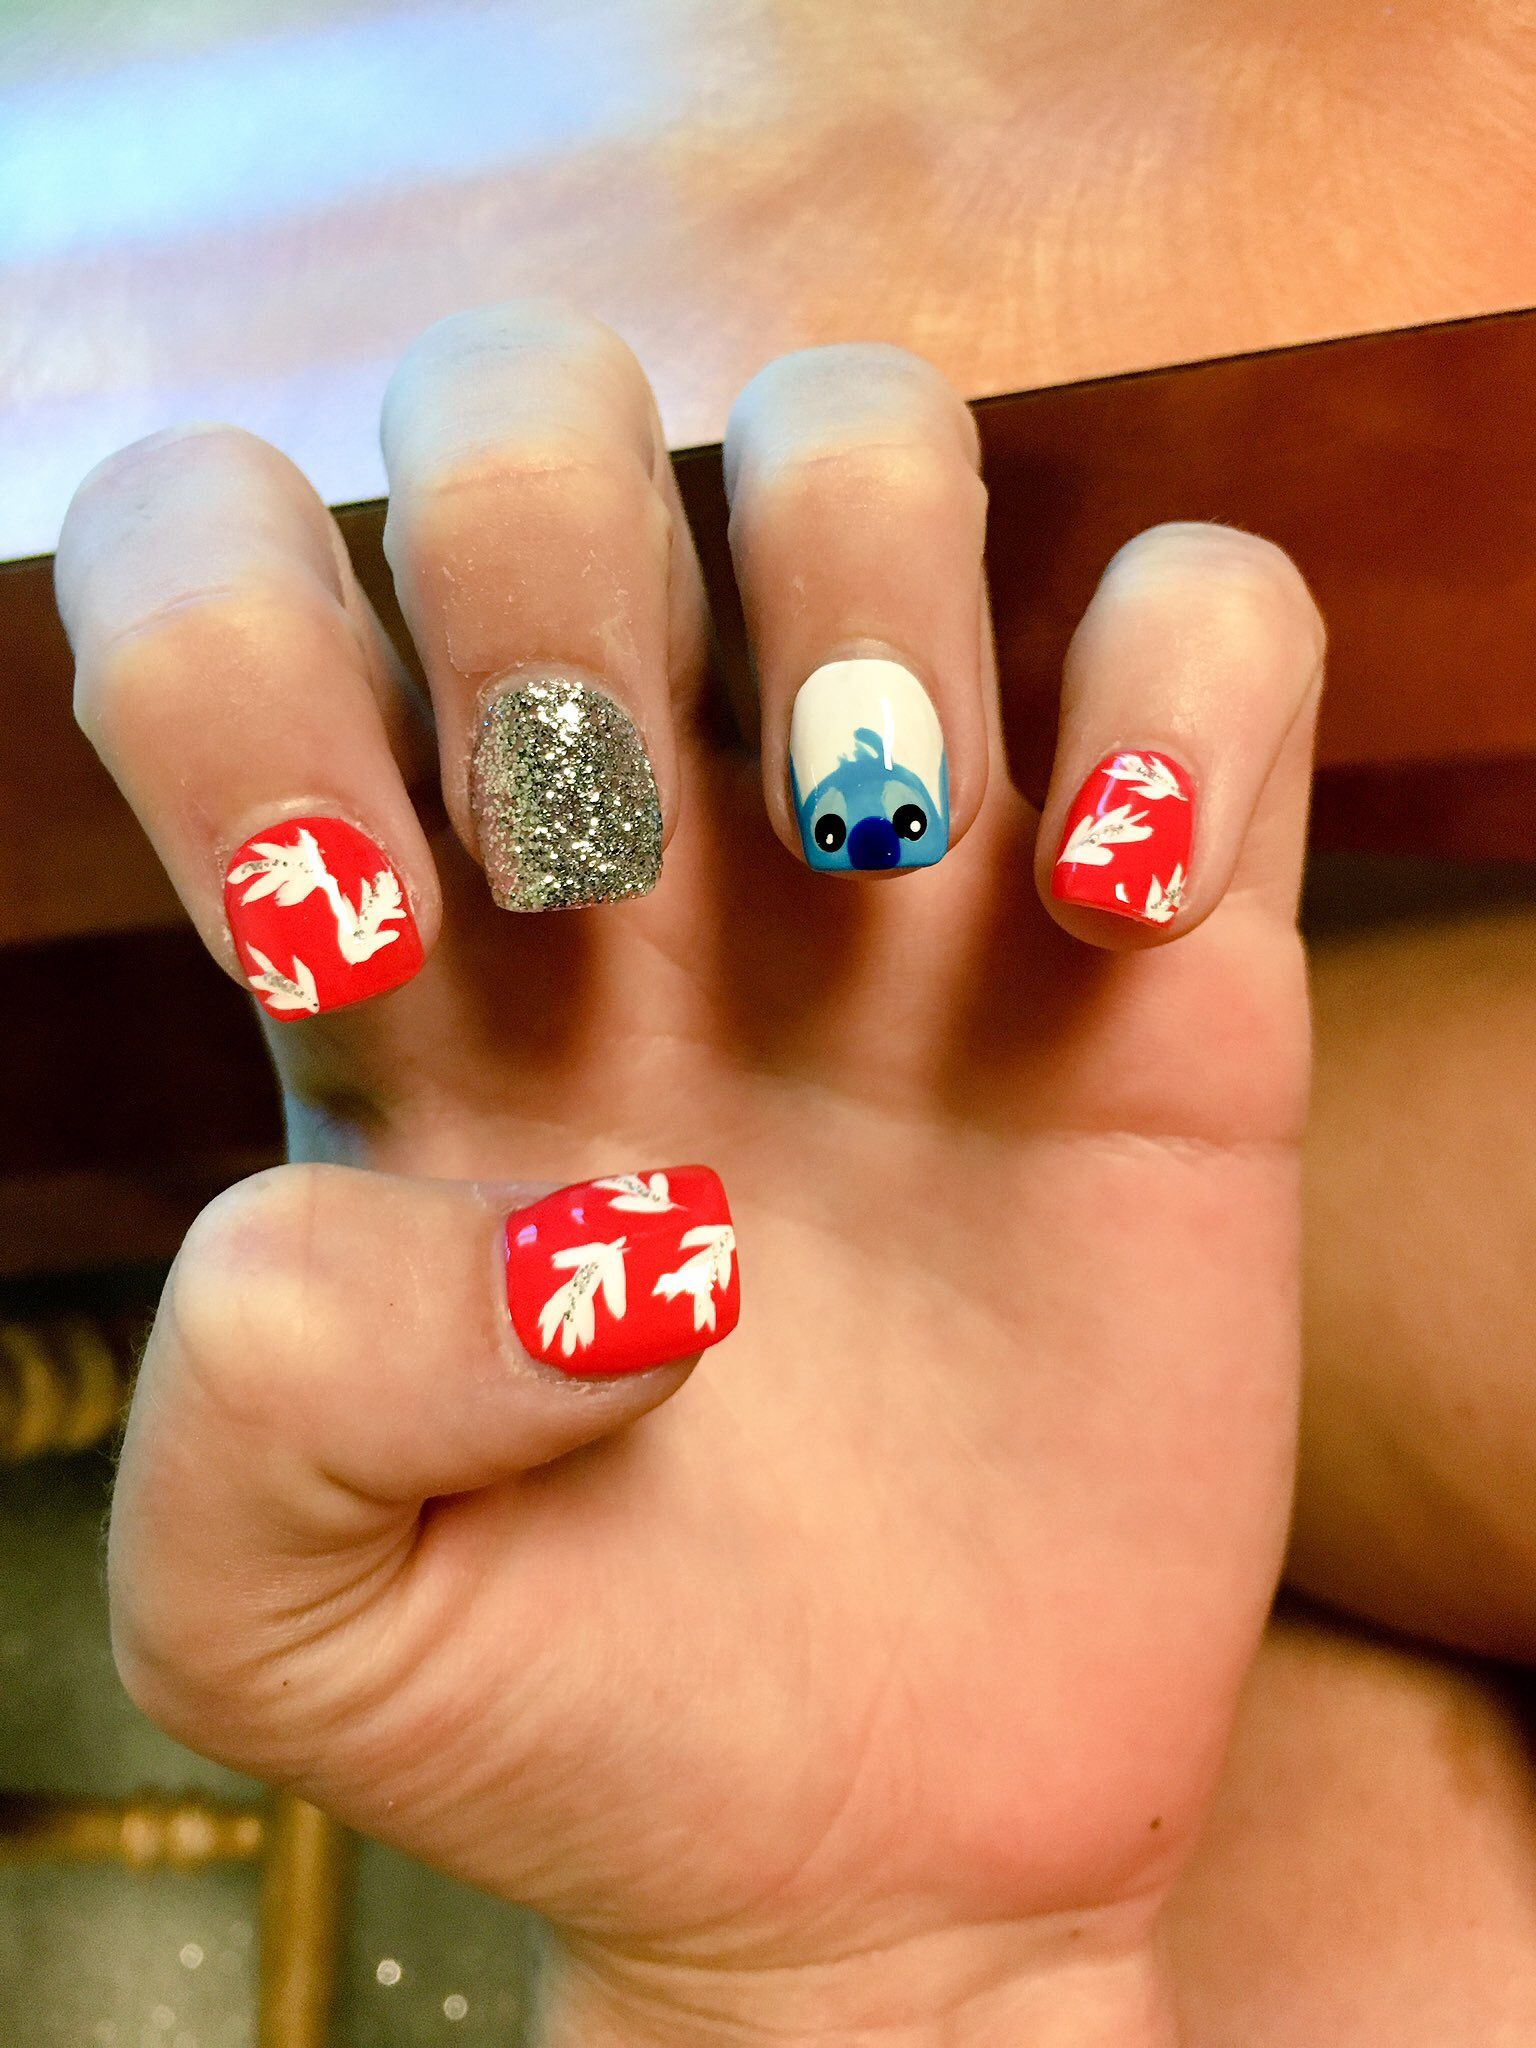 Lilo And Stitch Disney Acrylic Nails Disney Acrylic Nails Nail Designs New Nail Designs